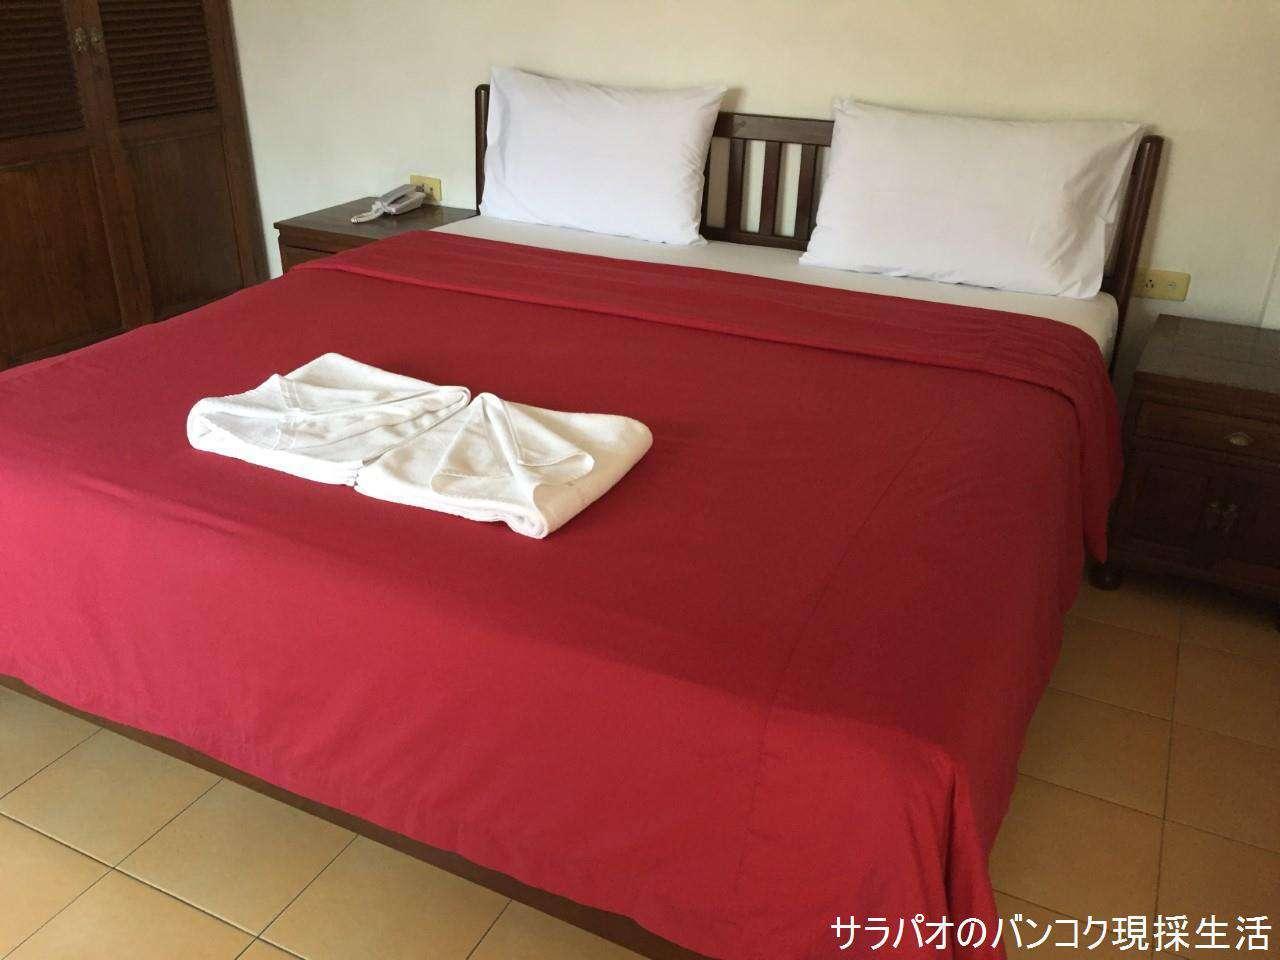 夜の出勤に便利 ホテル ニュー ニコム コート in パタヤ